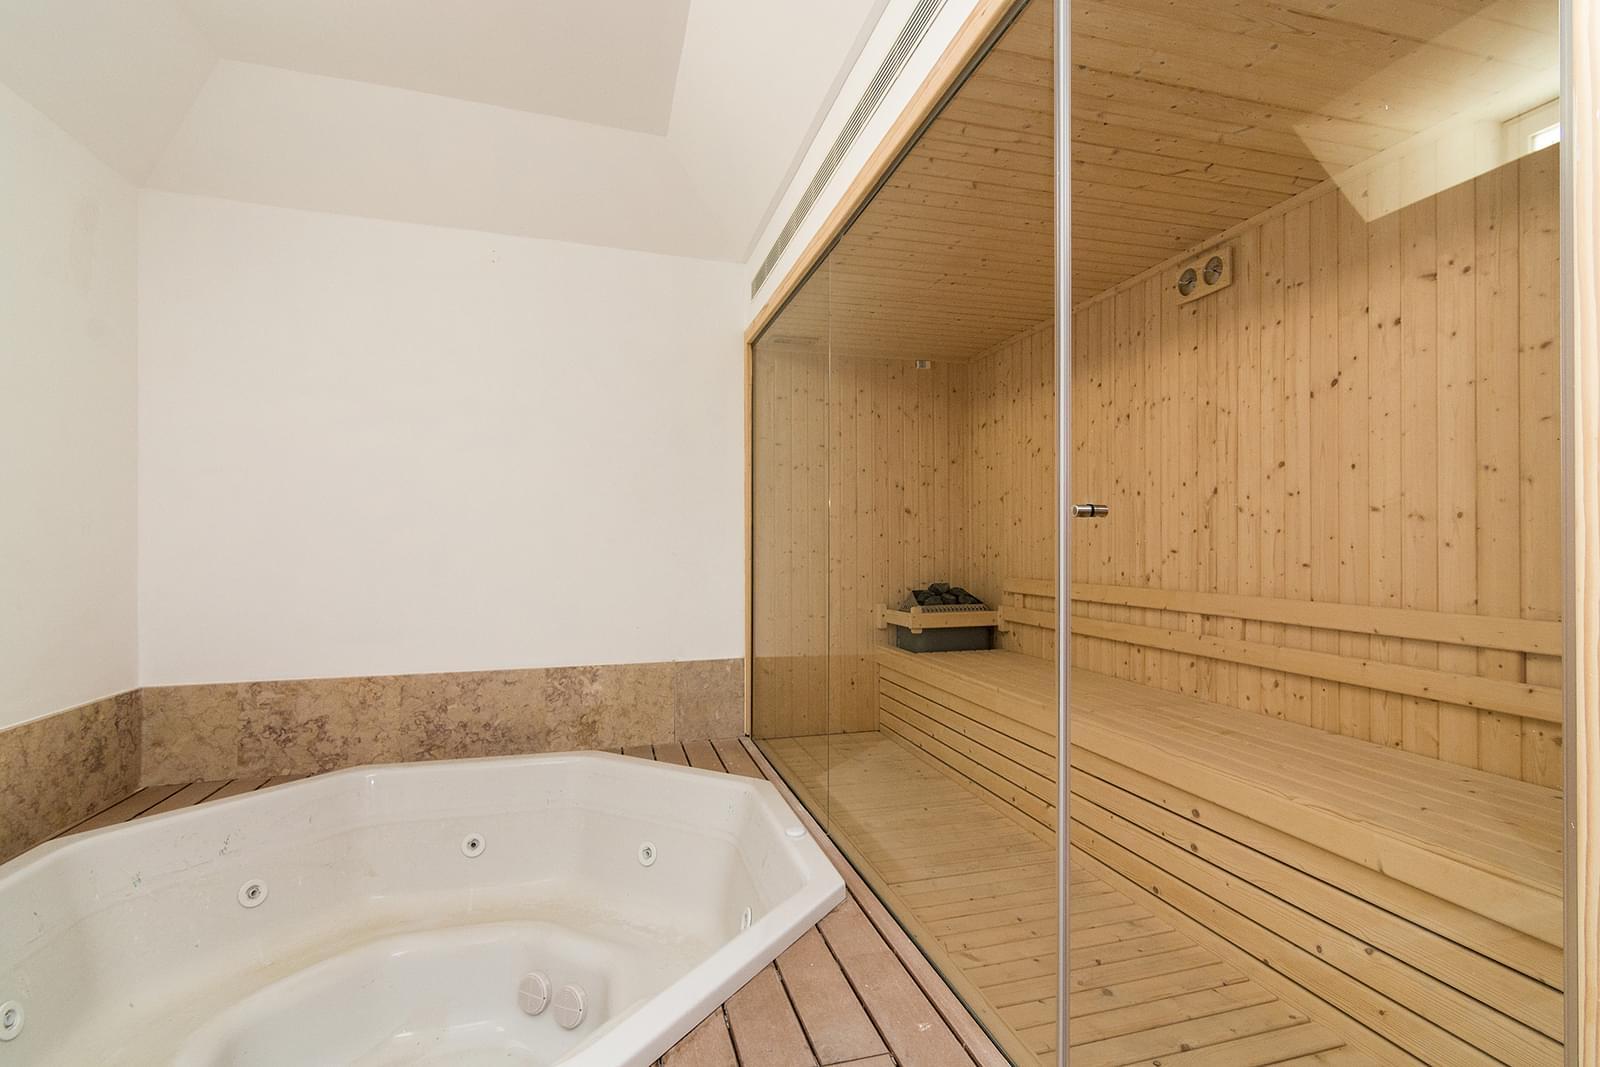 pf16887-apartamento-t5-lisboa-f7307e62-e23e-48e7-934c-4211fa487b00